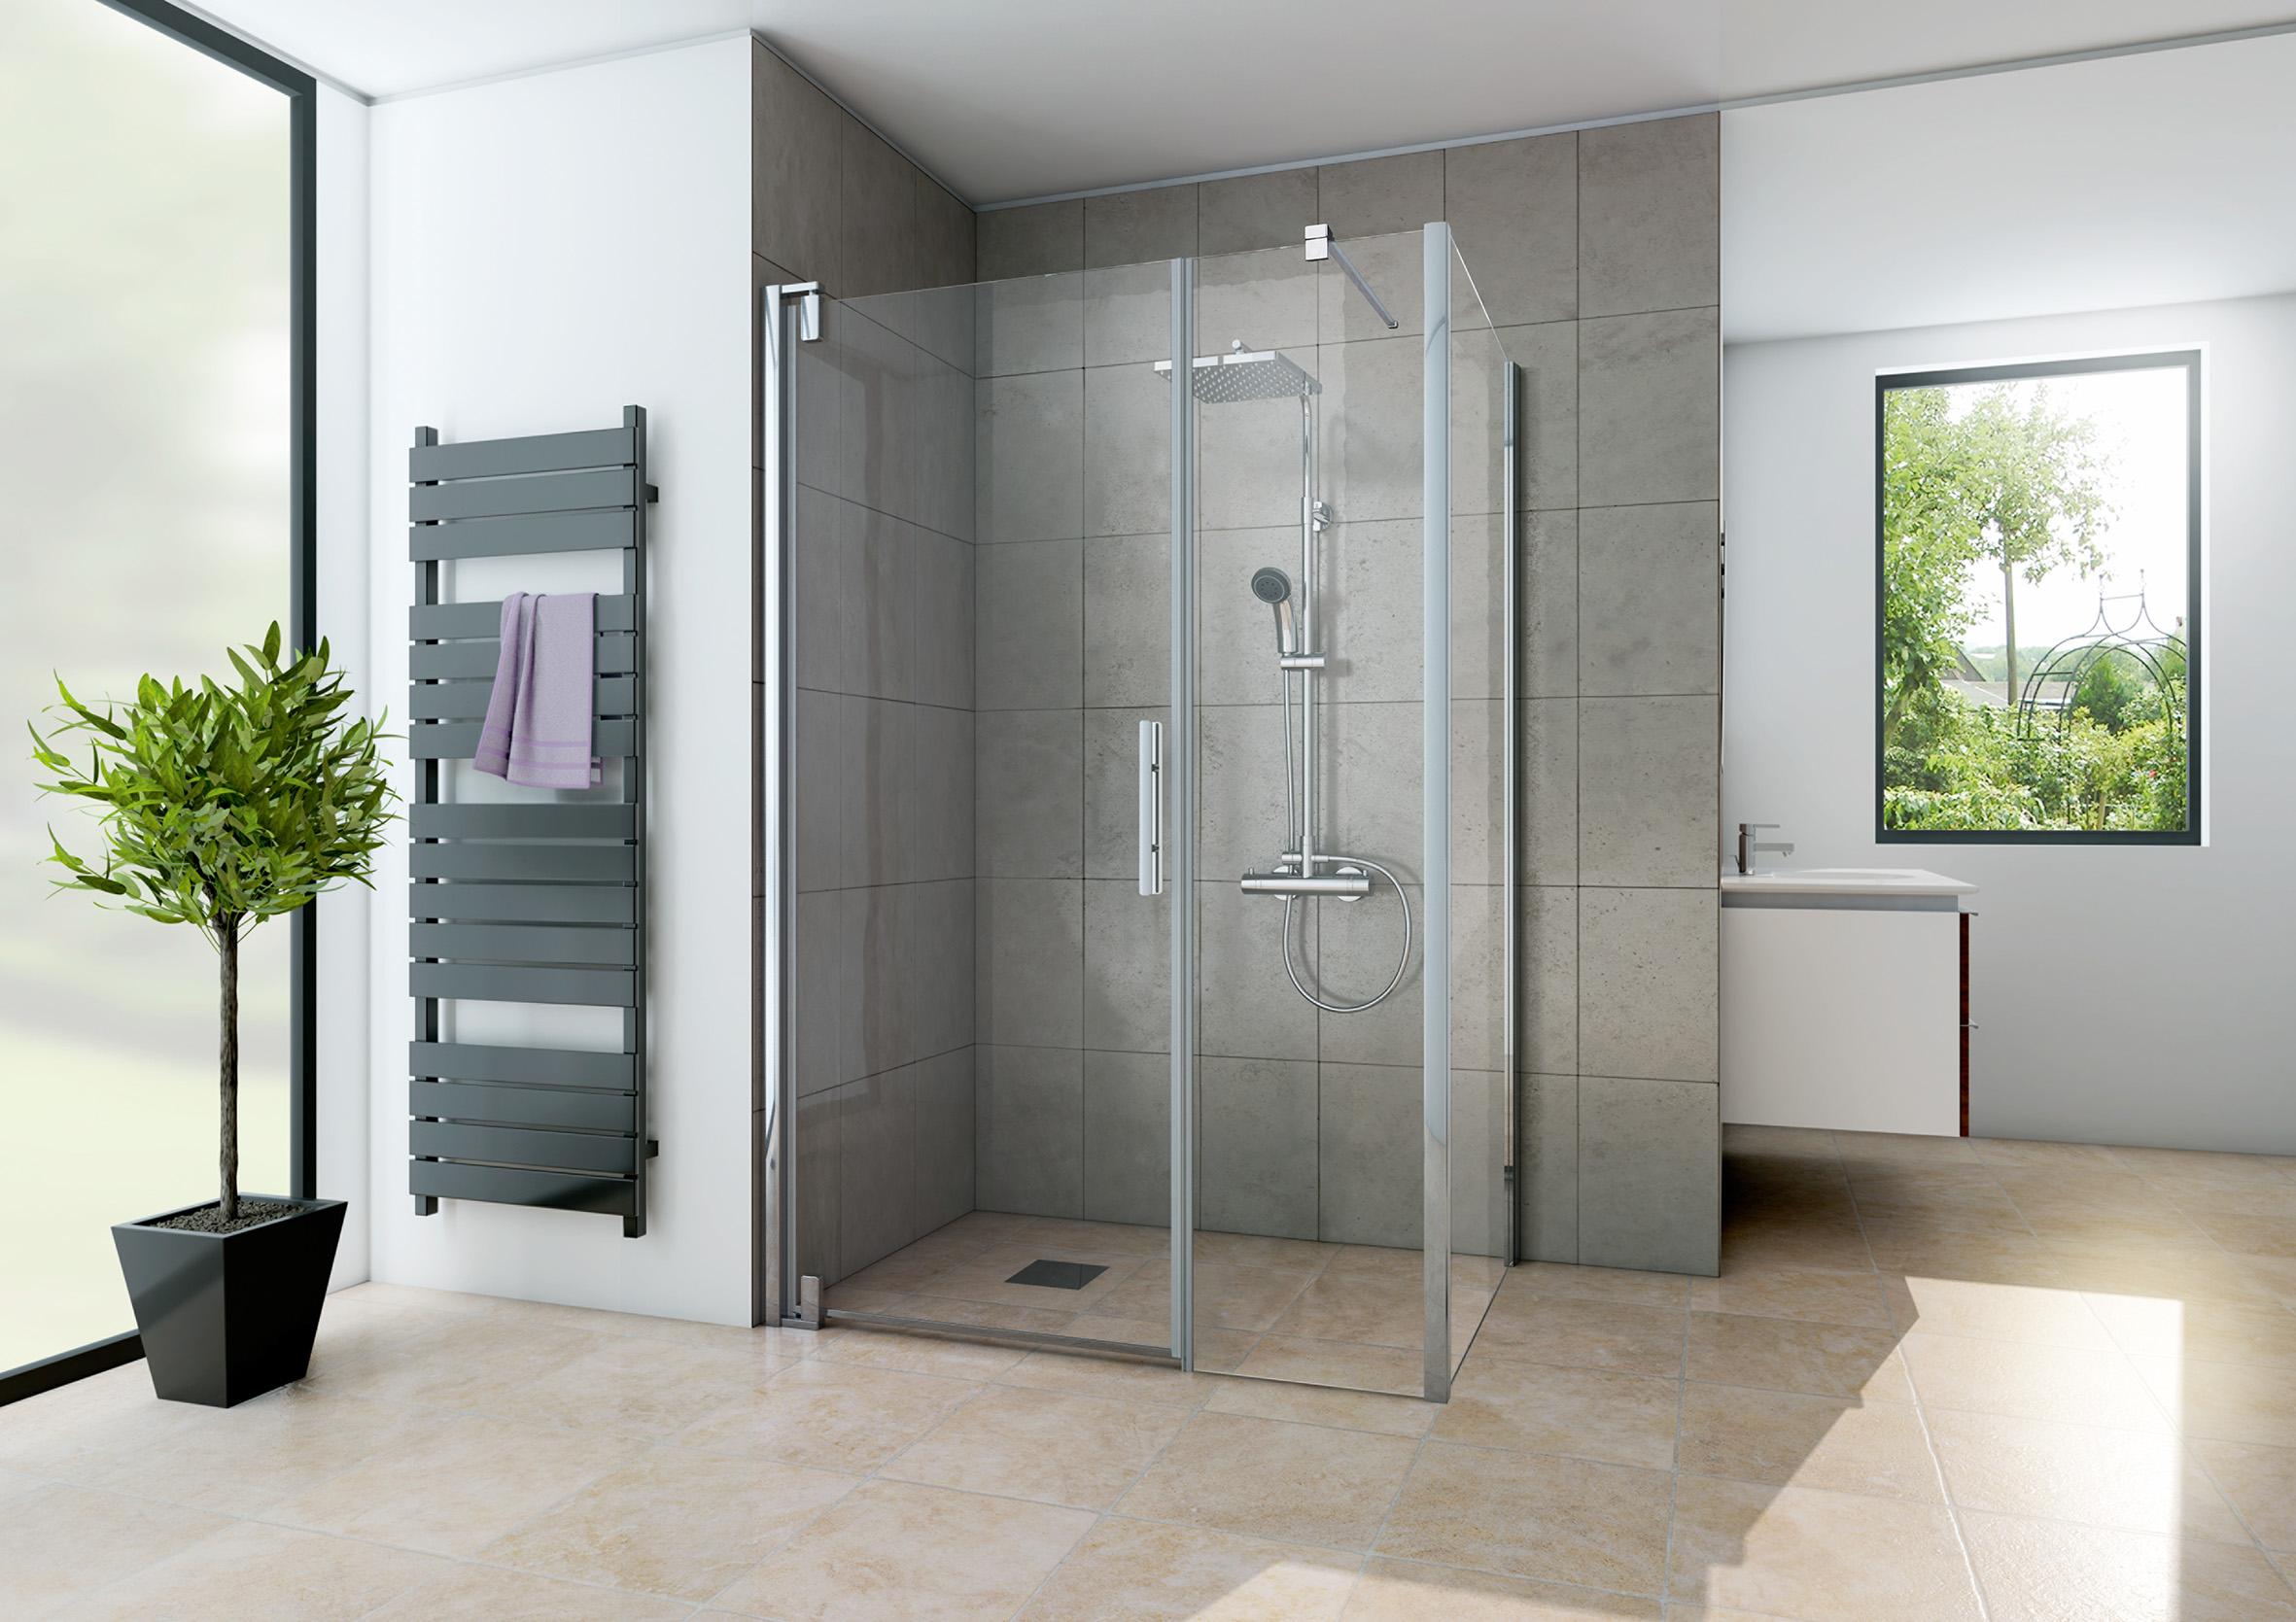 duschkabine dusche europa design dreht r blende seitenwand 120x100x200 ebay. Black Bedroom Furniture Sets. Home Design Ideas